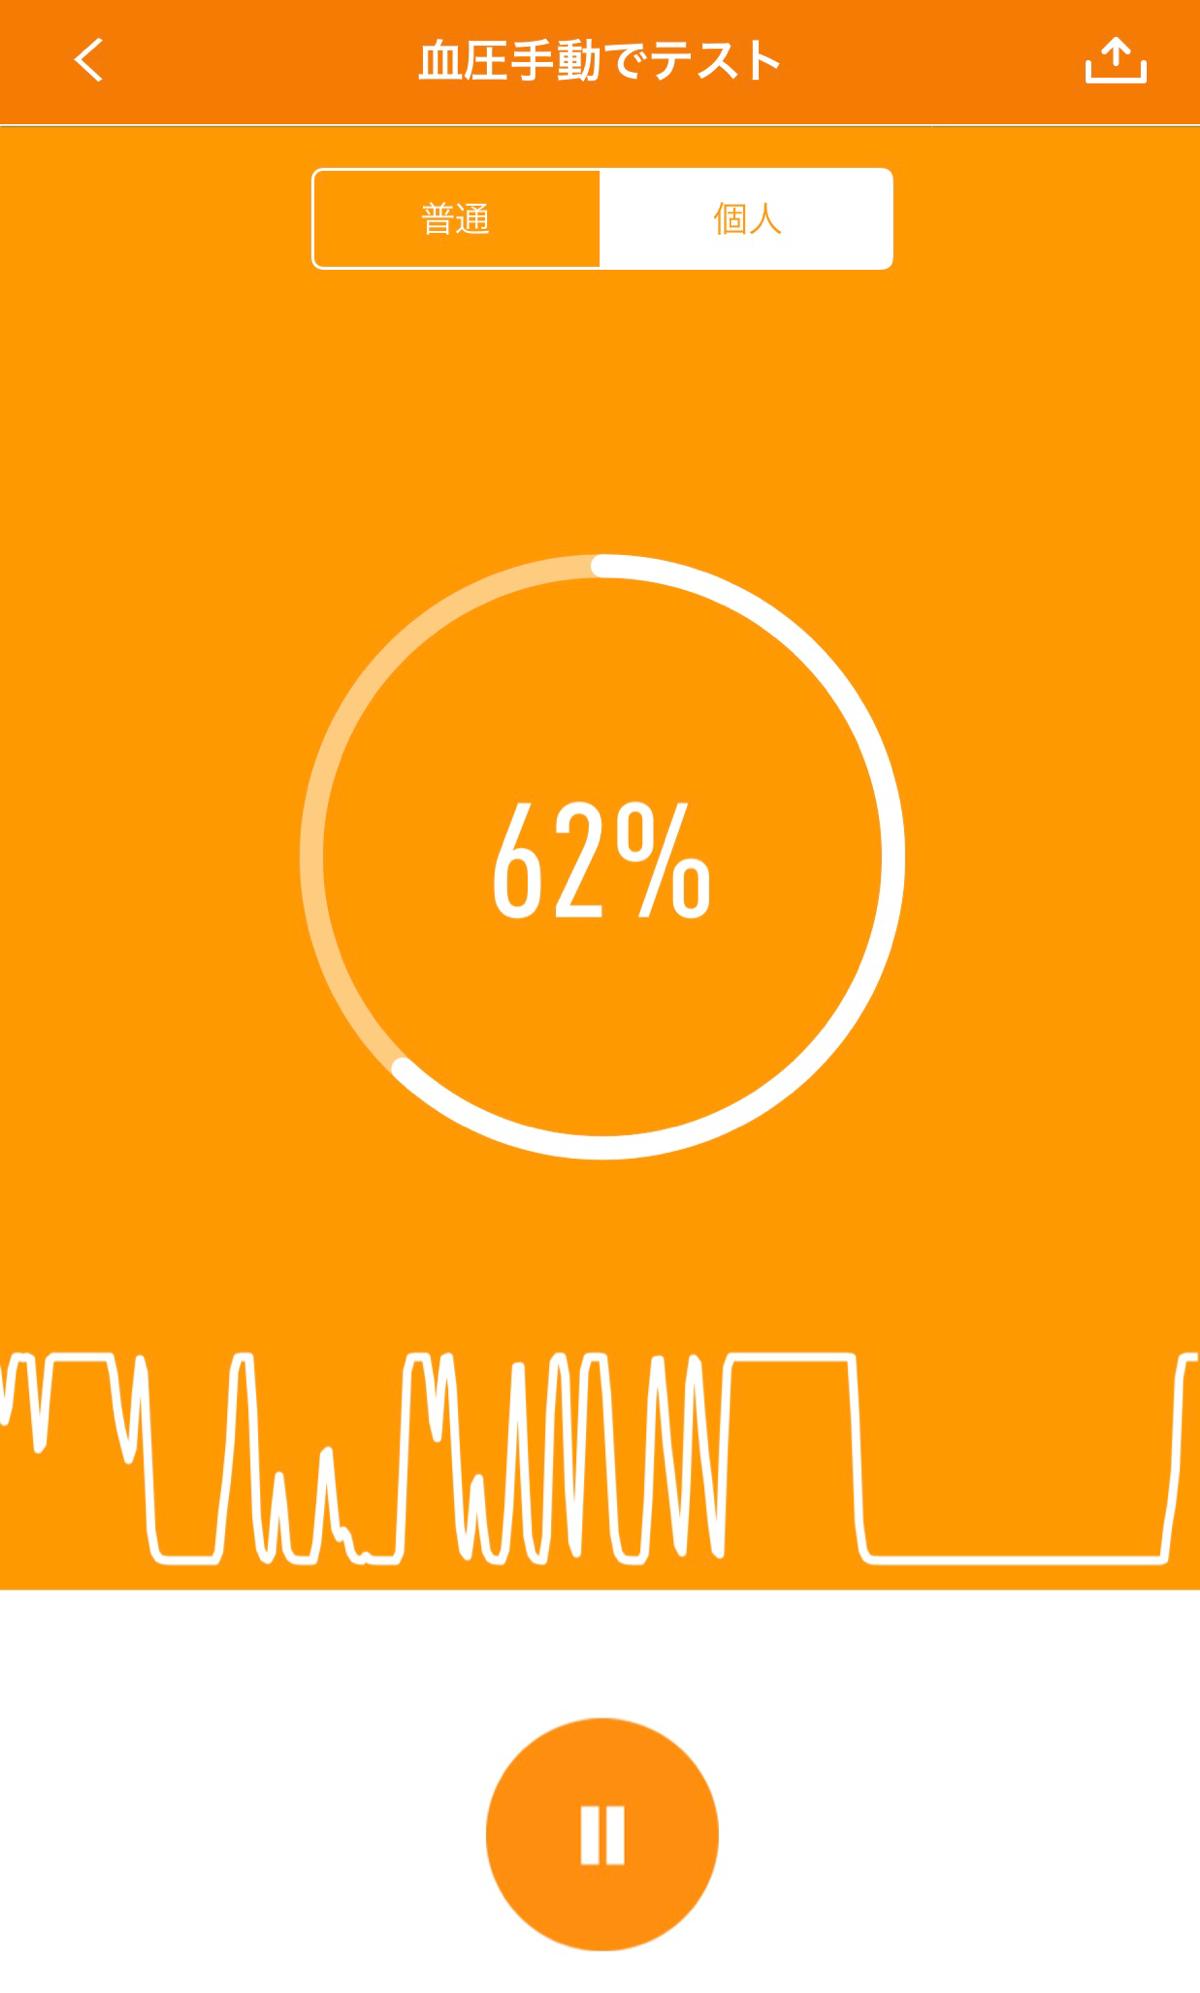 スマート ウォッチ 血圧 が 測れる